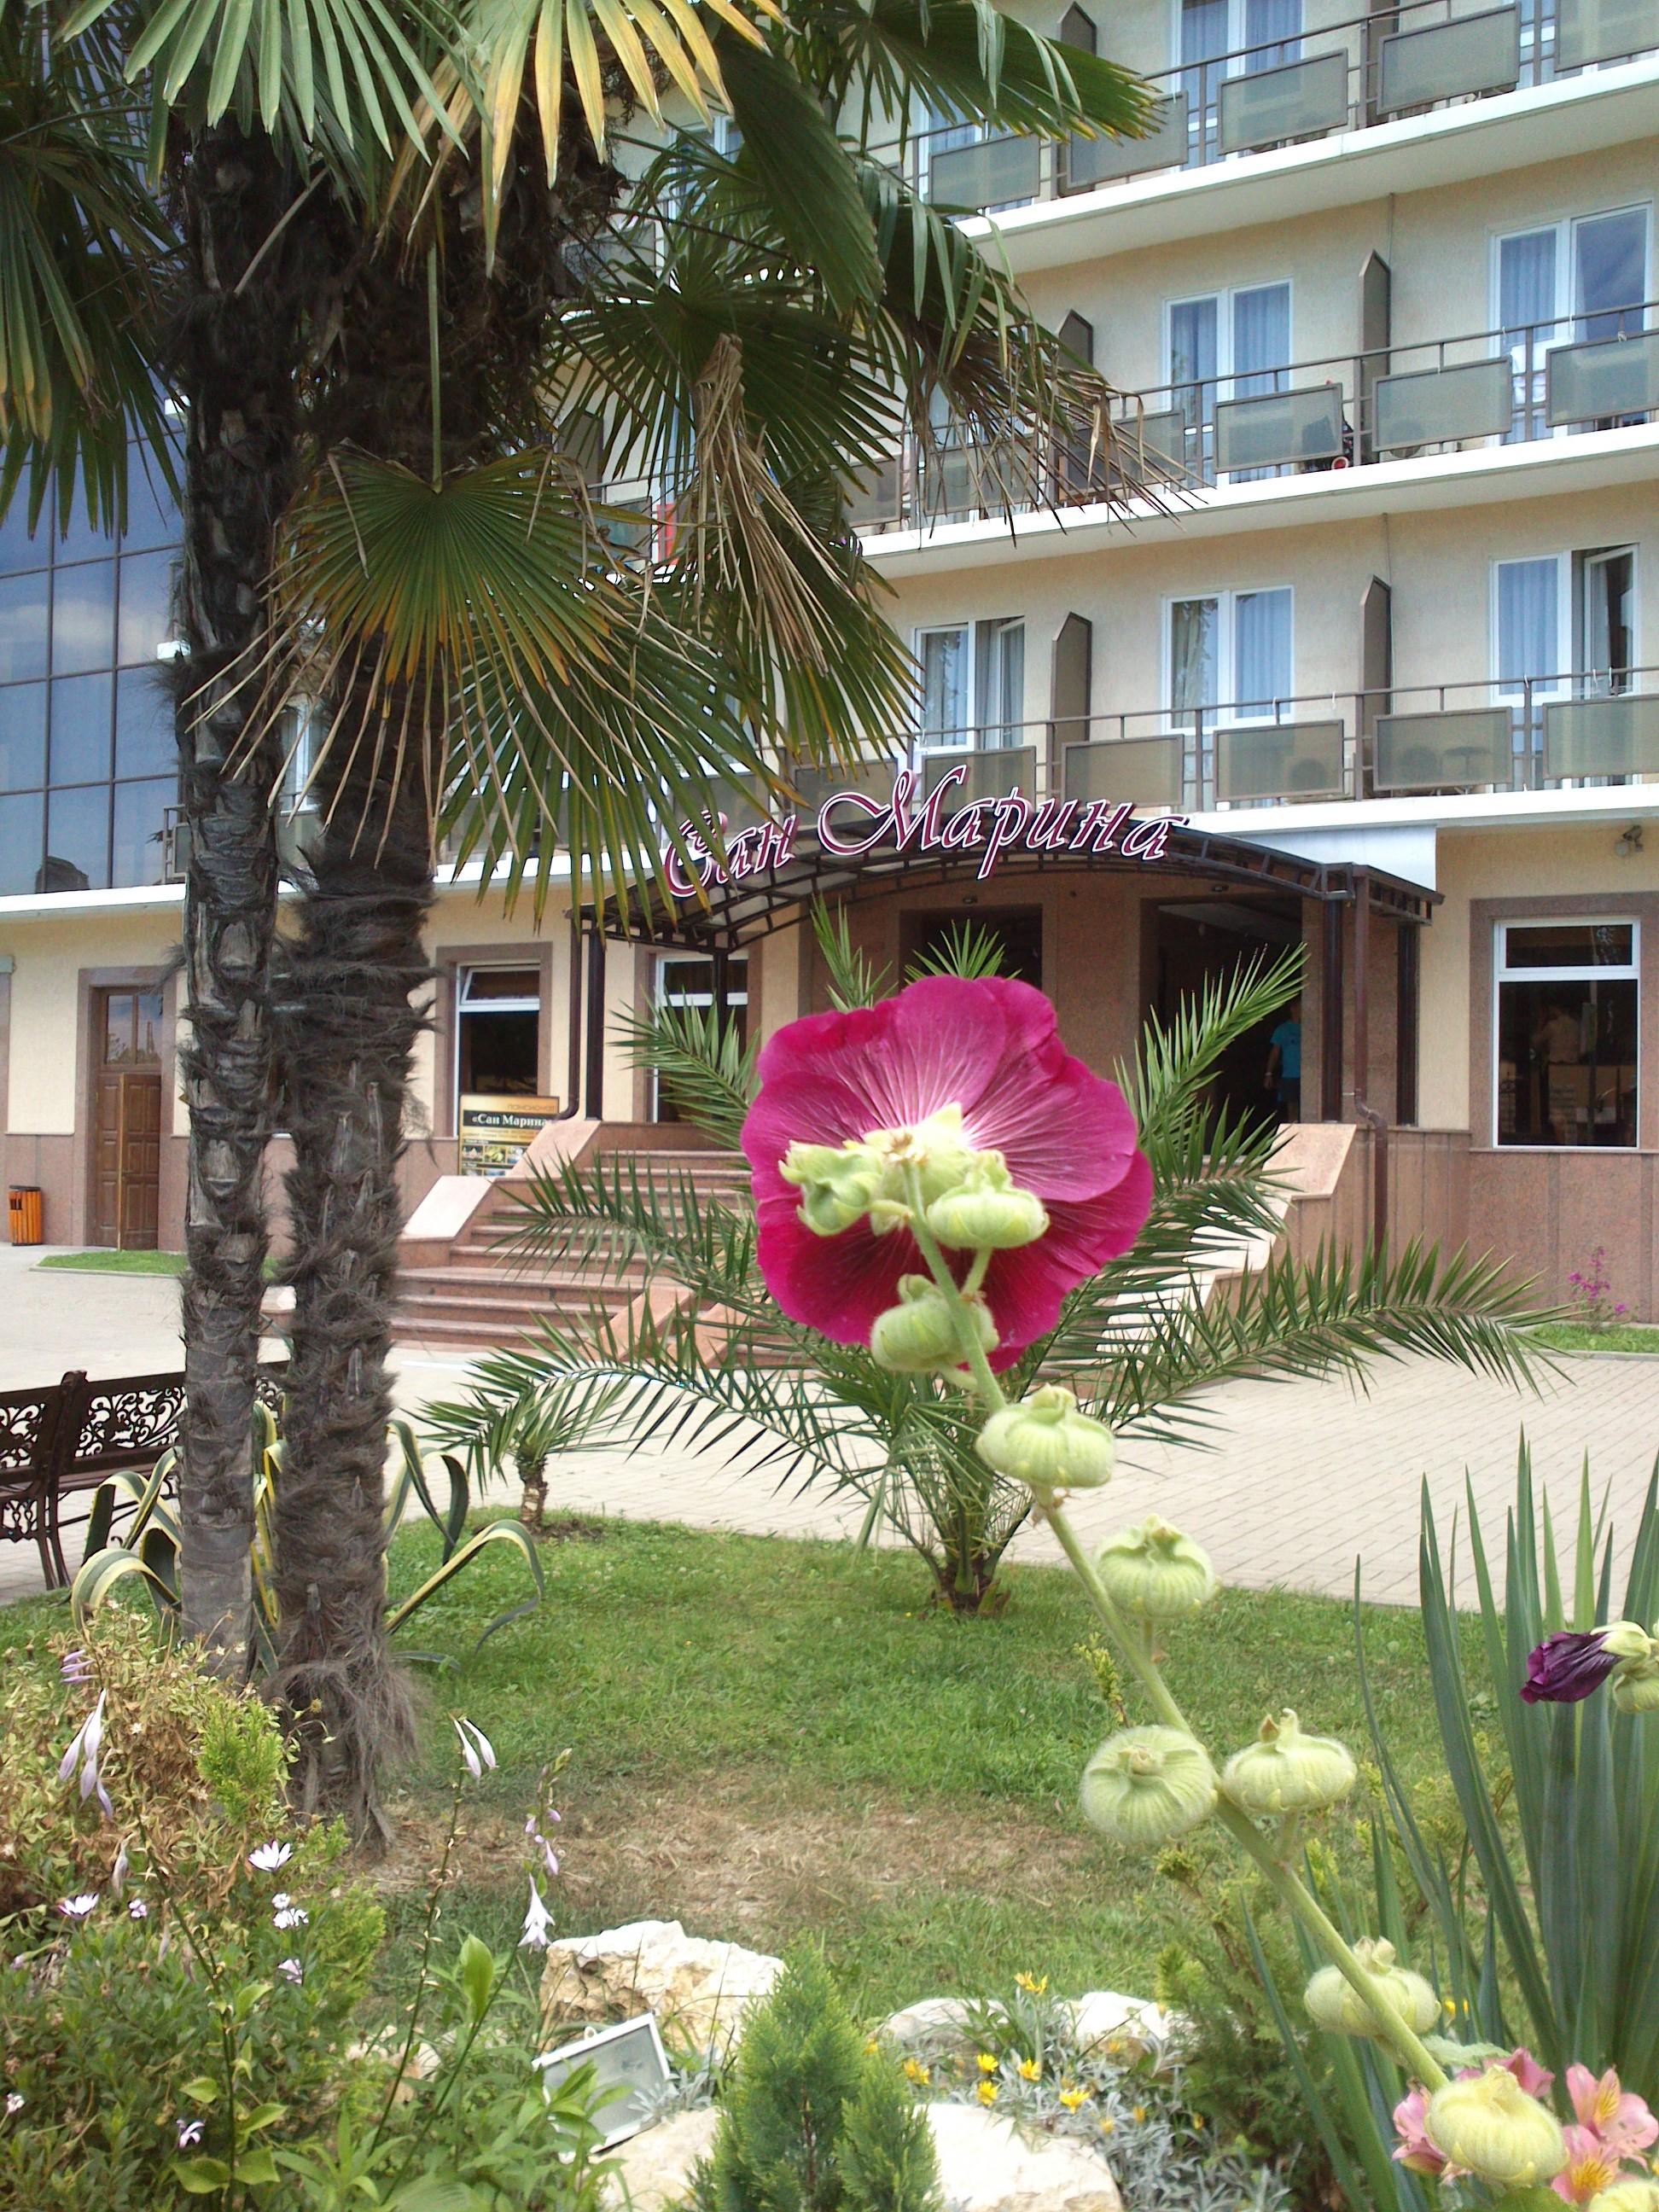 Отель санмарин фото пляжа